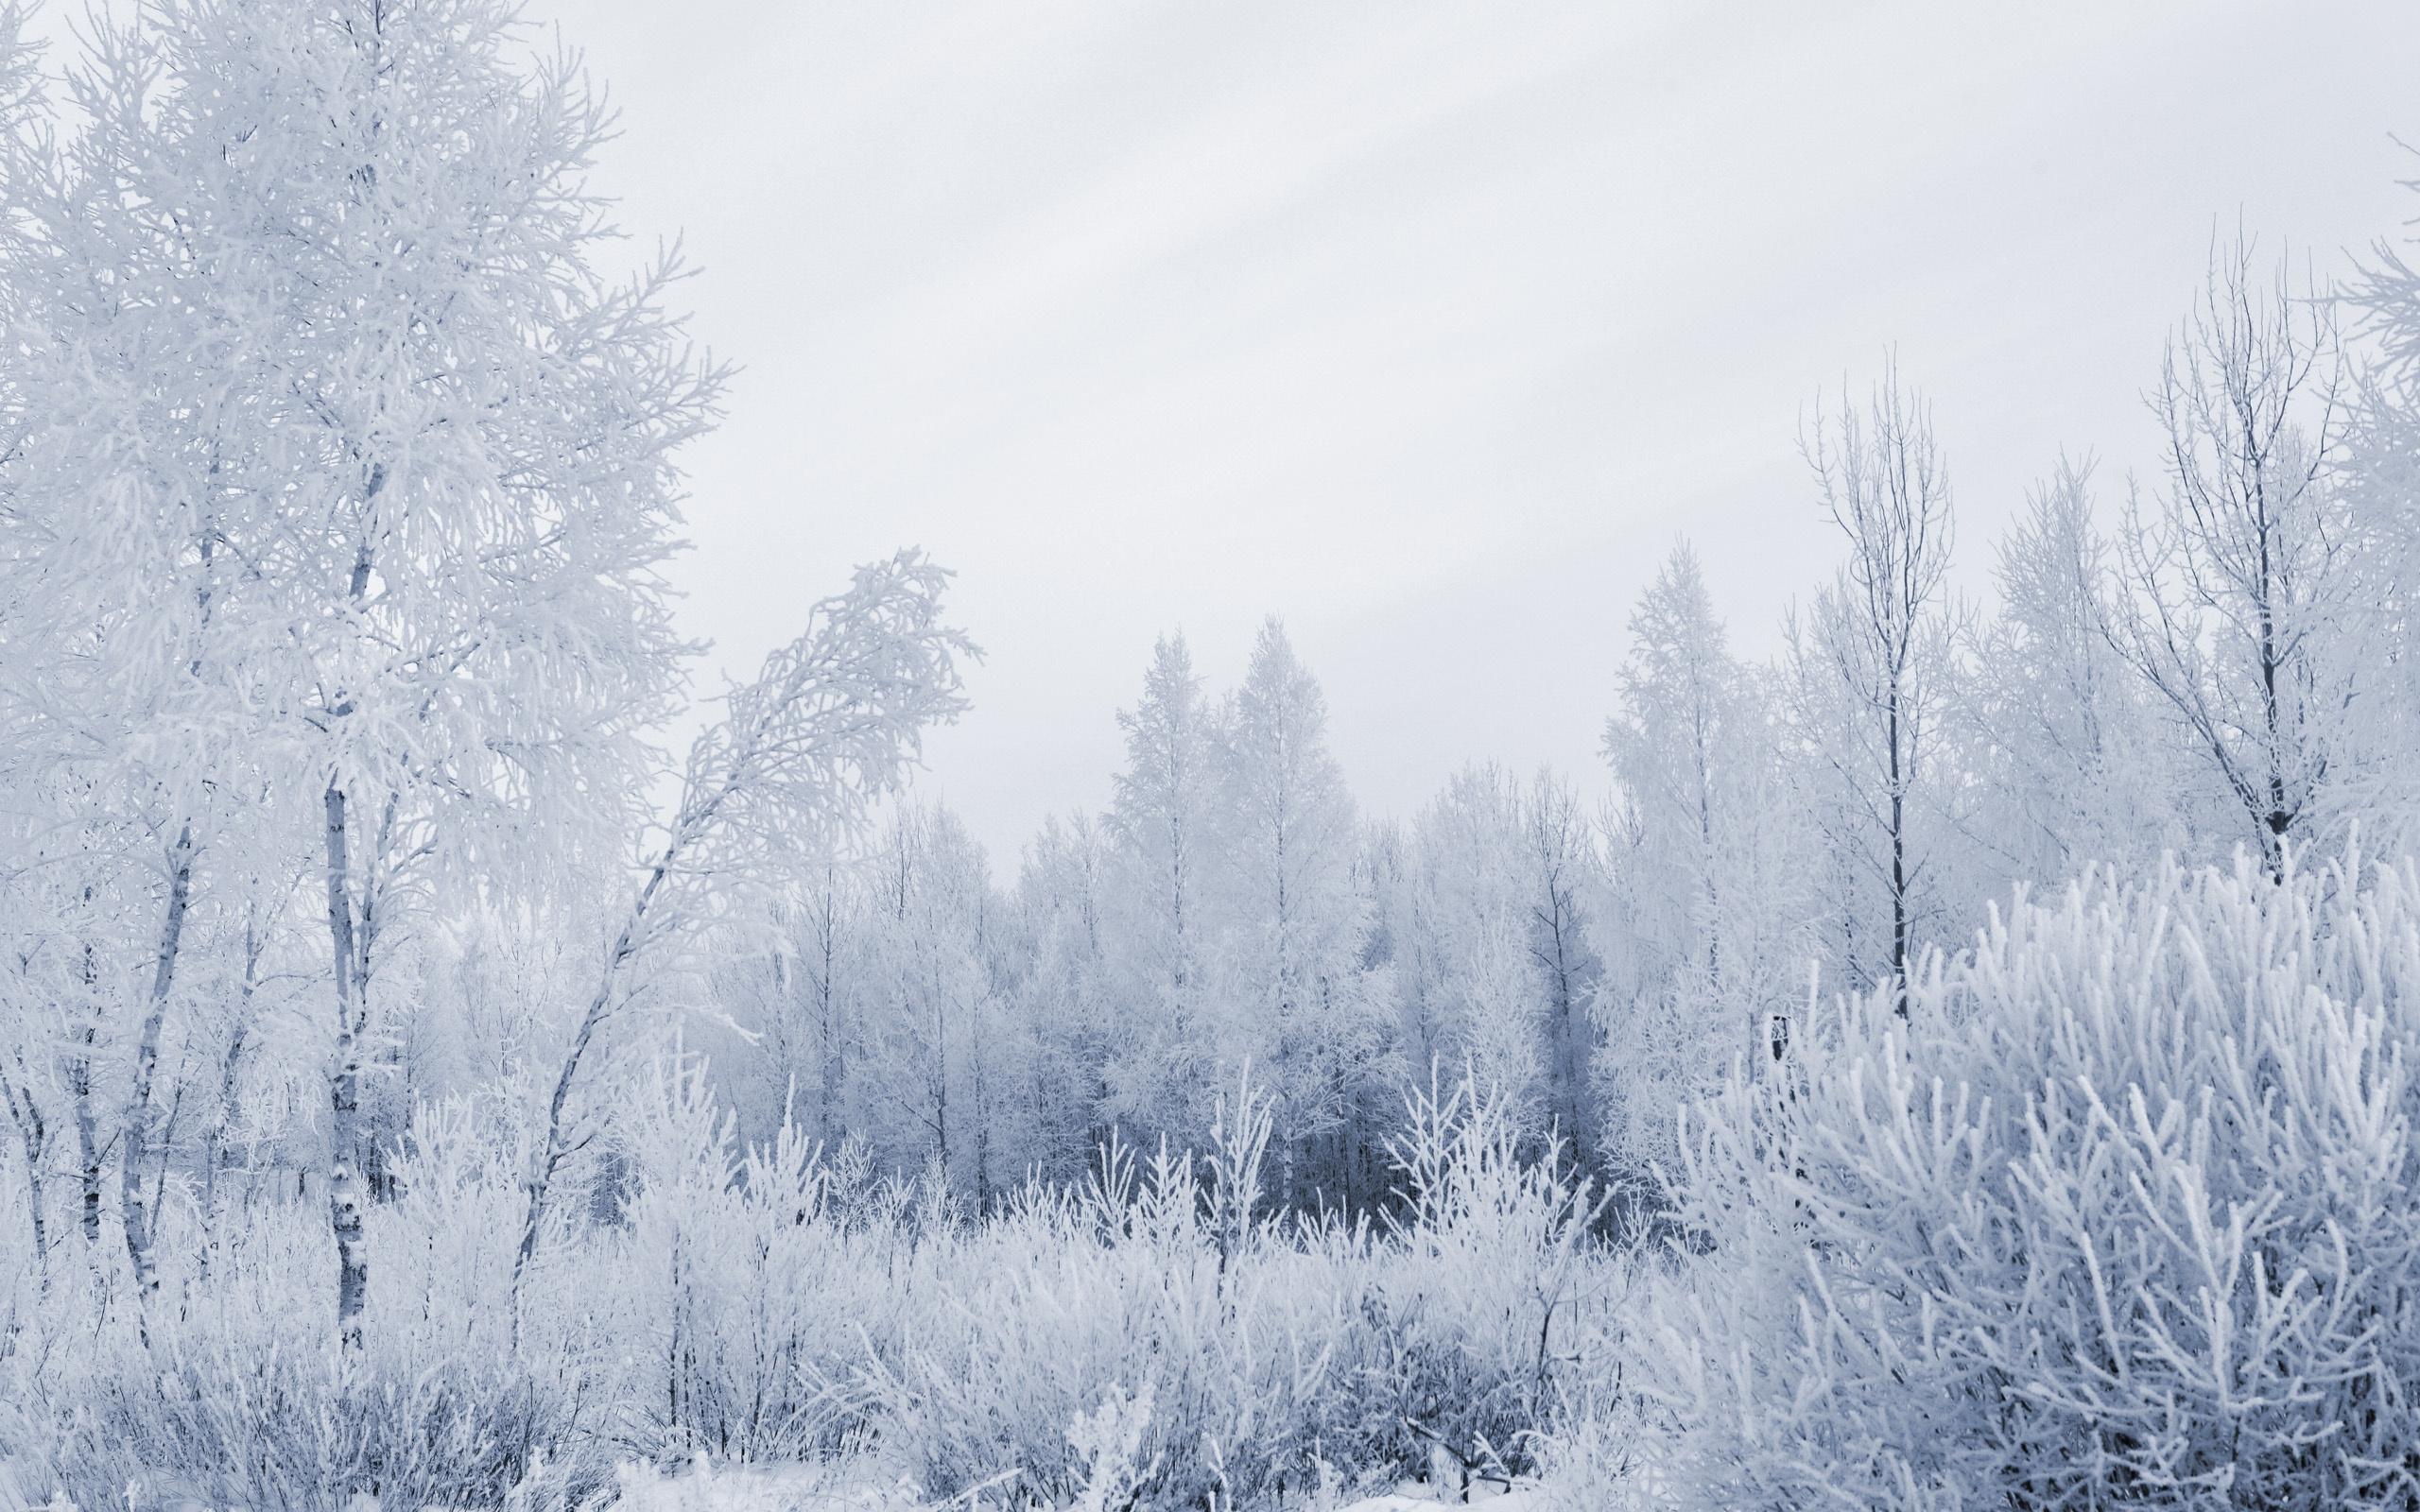 frost wallpaper hd desktop wallpapers 4k hd